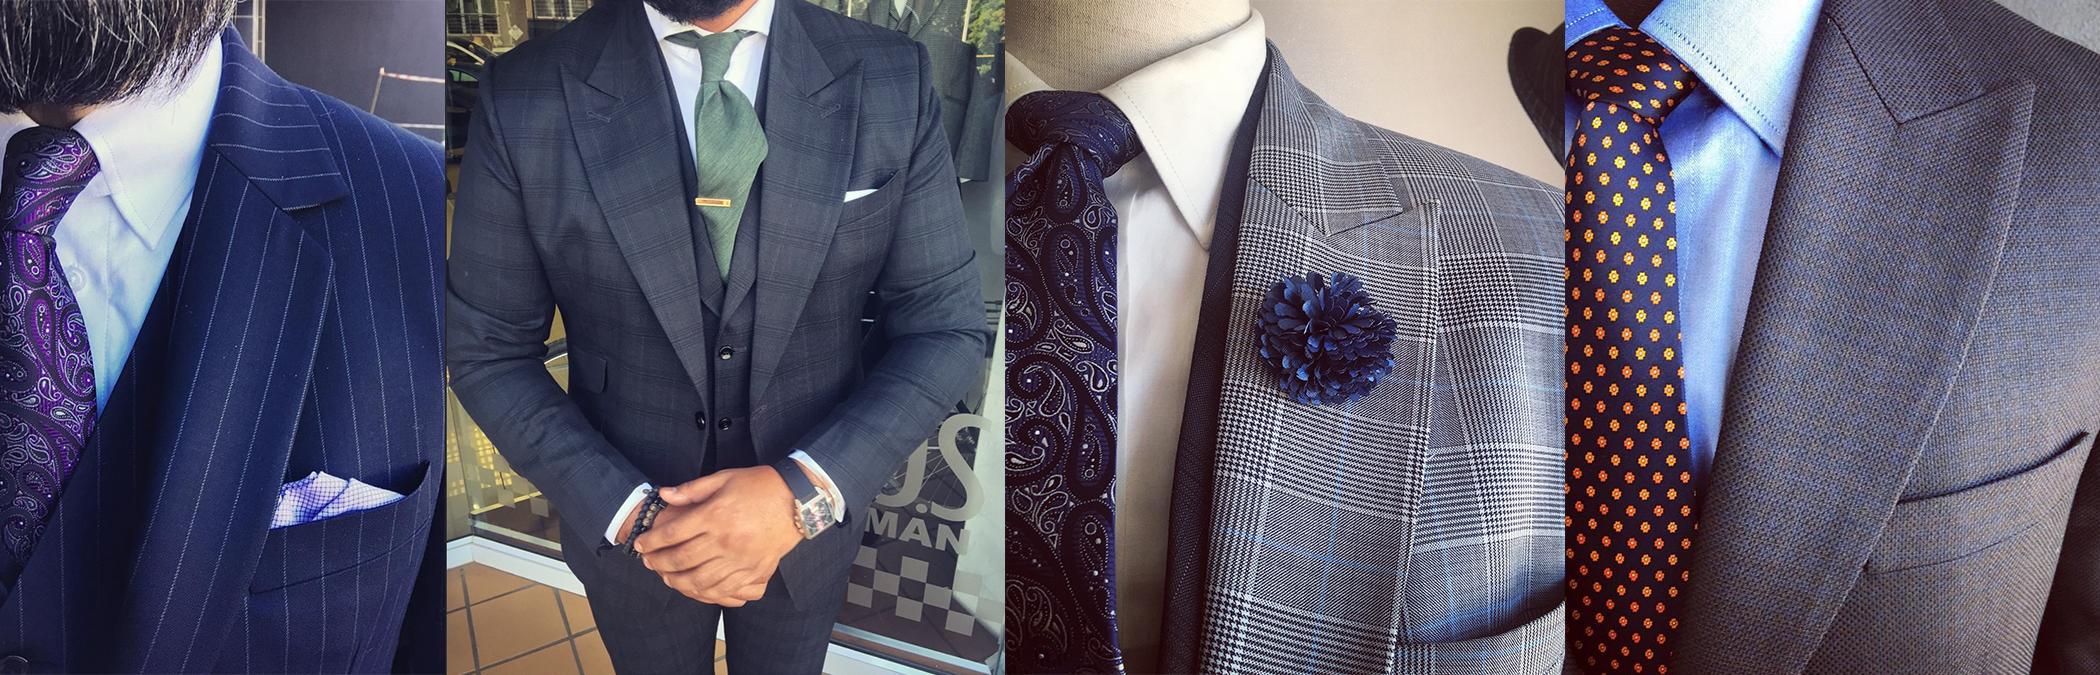 tailored shirt slider 2